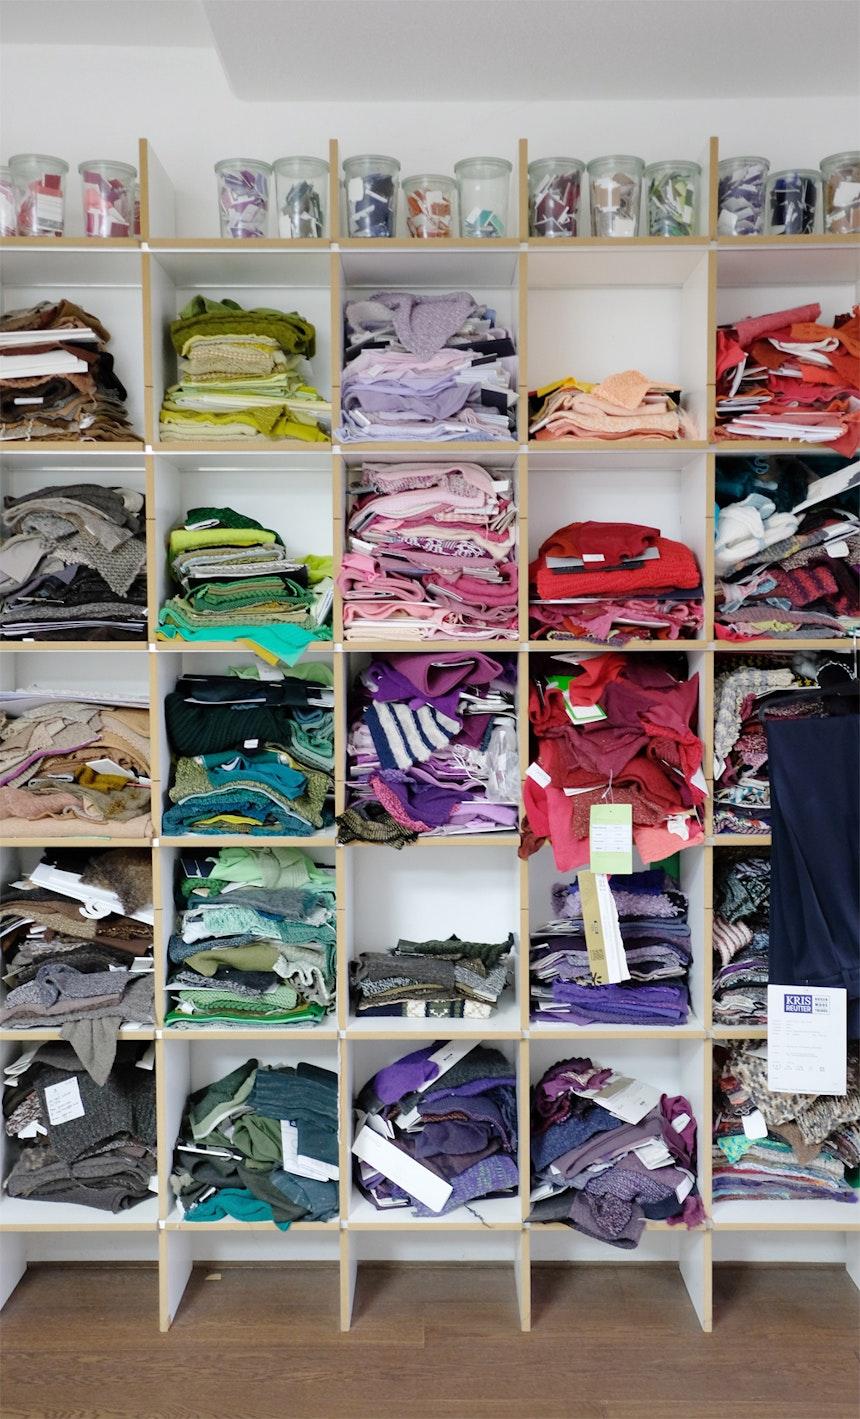 Hunderte Stricklaschen & Garnreste bekannter Modefirmen dienen als Rohstoff für weitere kreative Prozesse